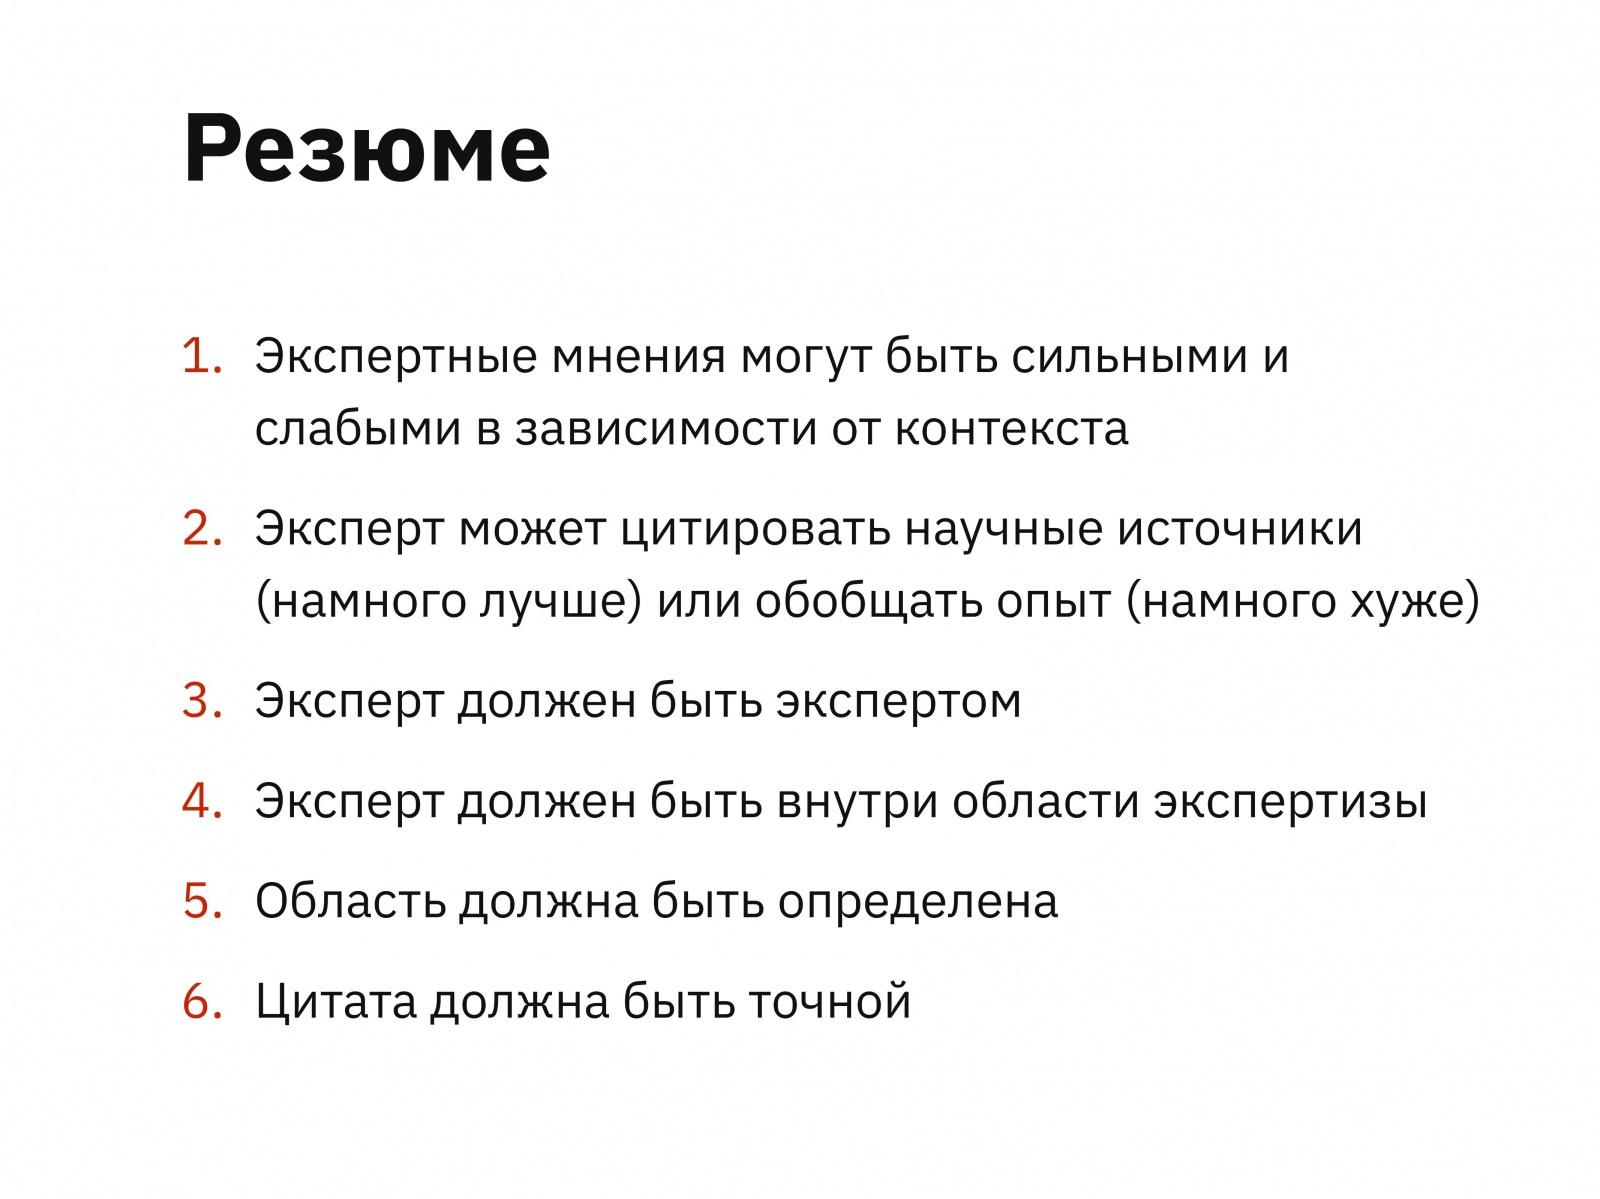 Алексей Каптерев: Критическое мышление 101 (часть 2) - 53